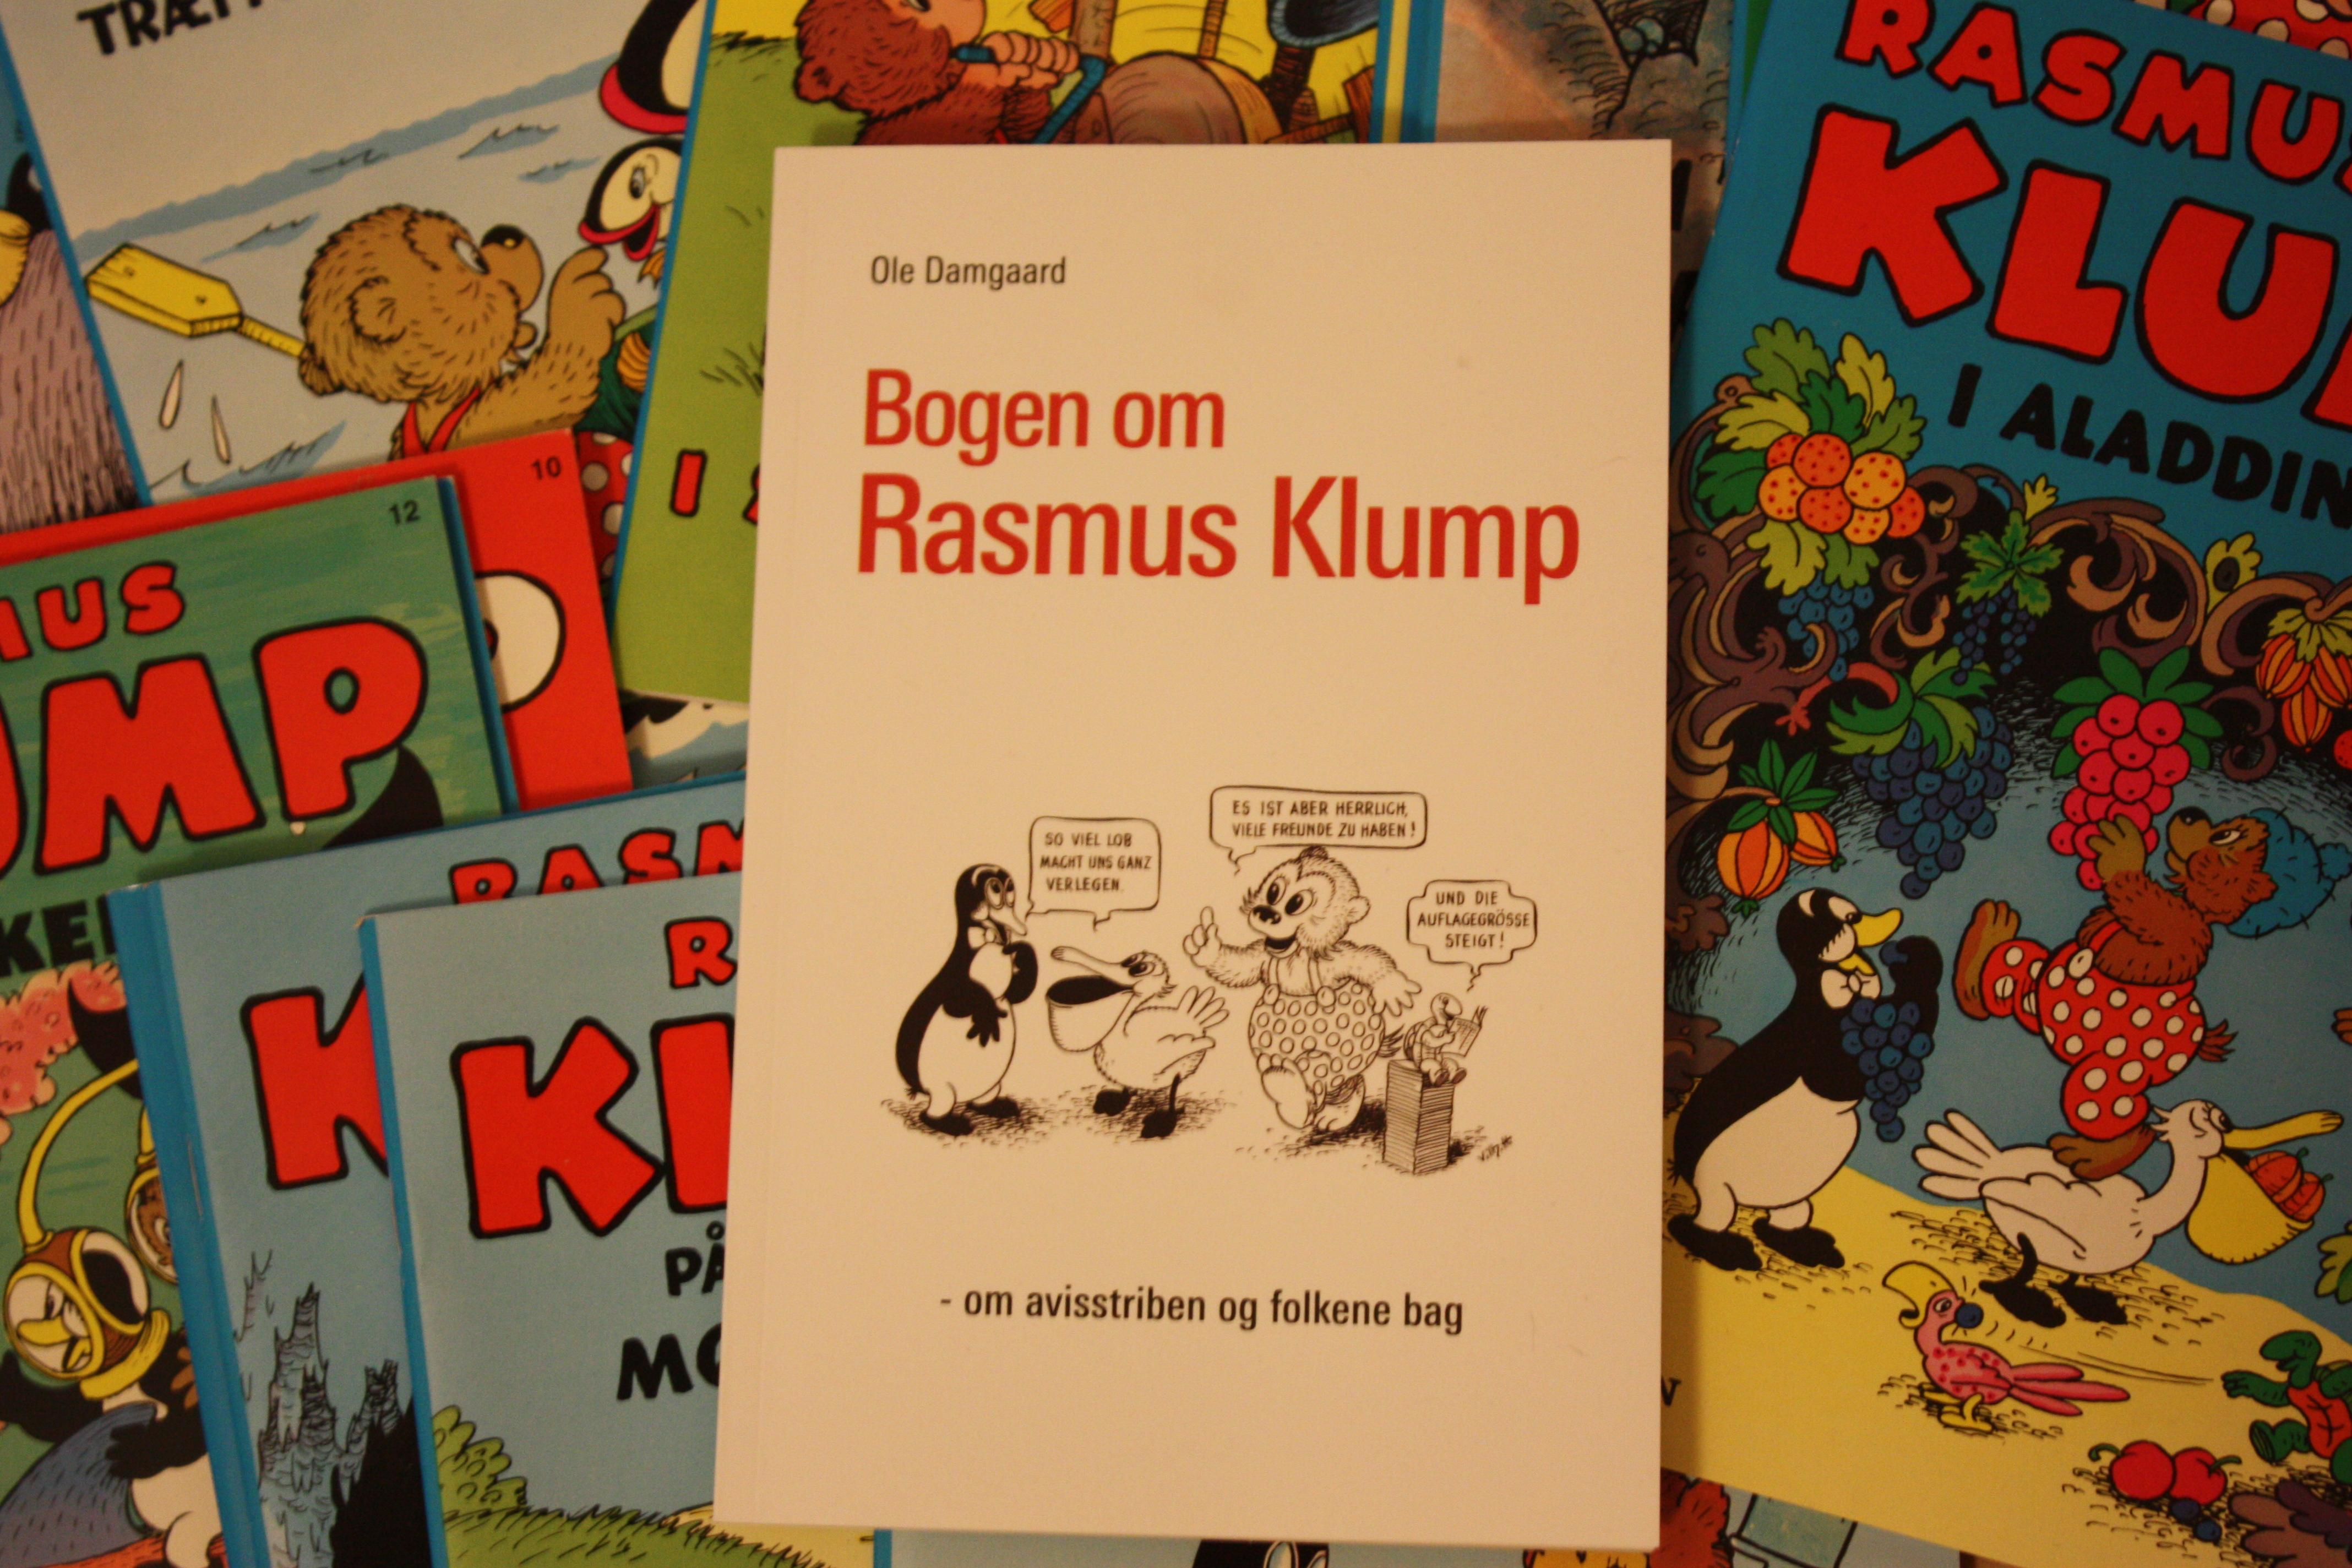 Bogen om Rasmus Klump 2014